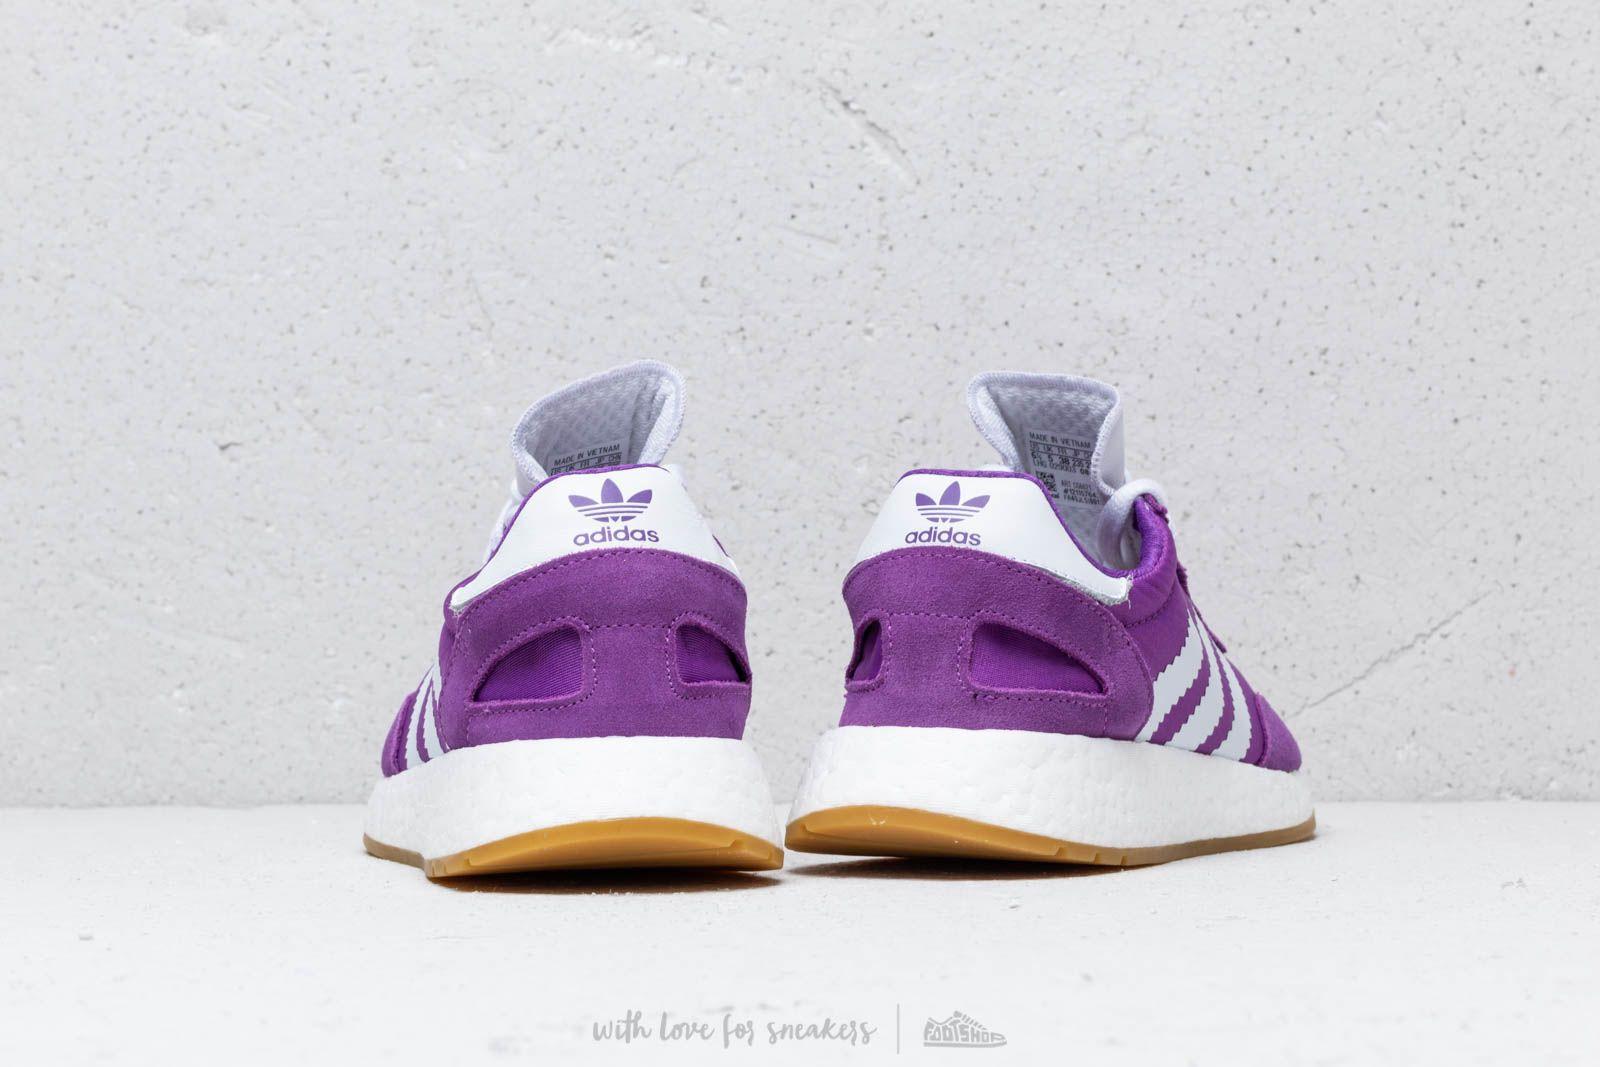 adidas I 5923 W Active Purple Cloud White Gum | Footshop